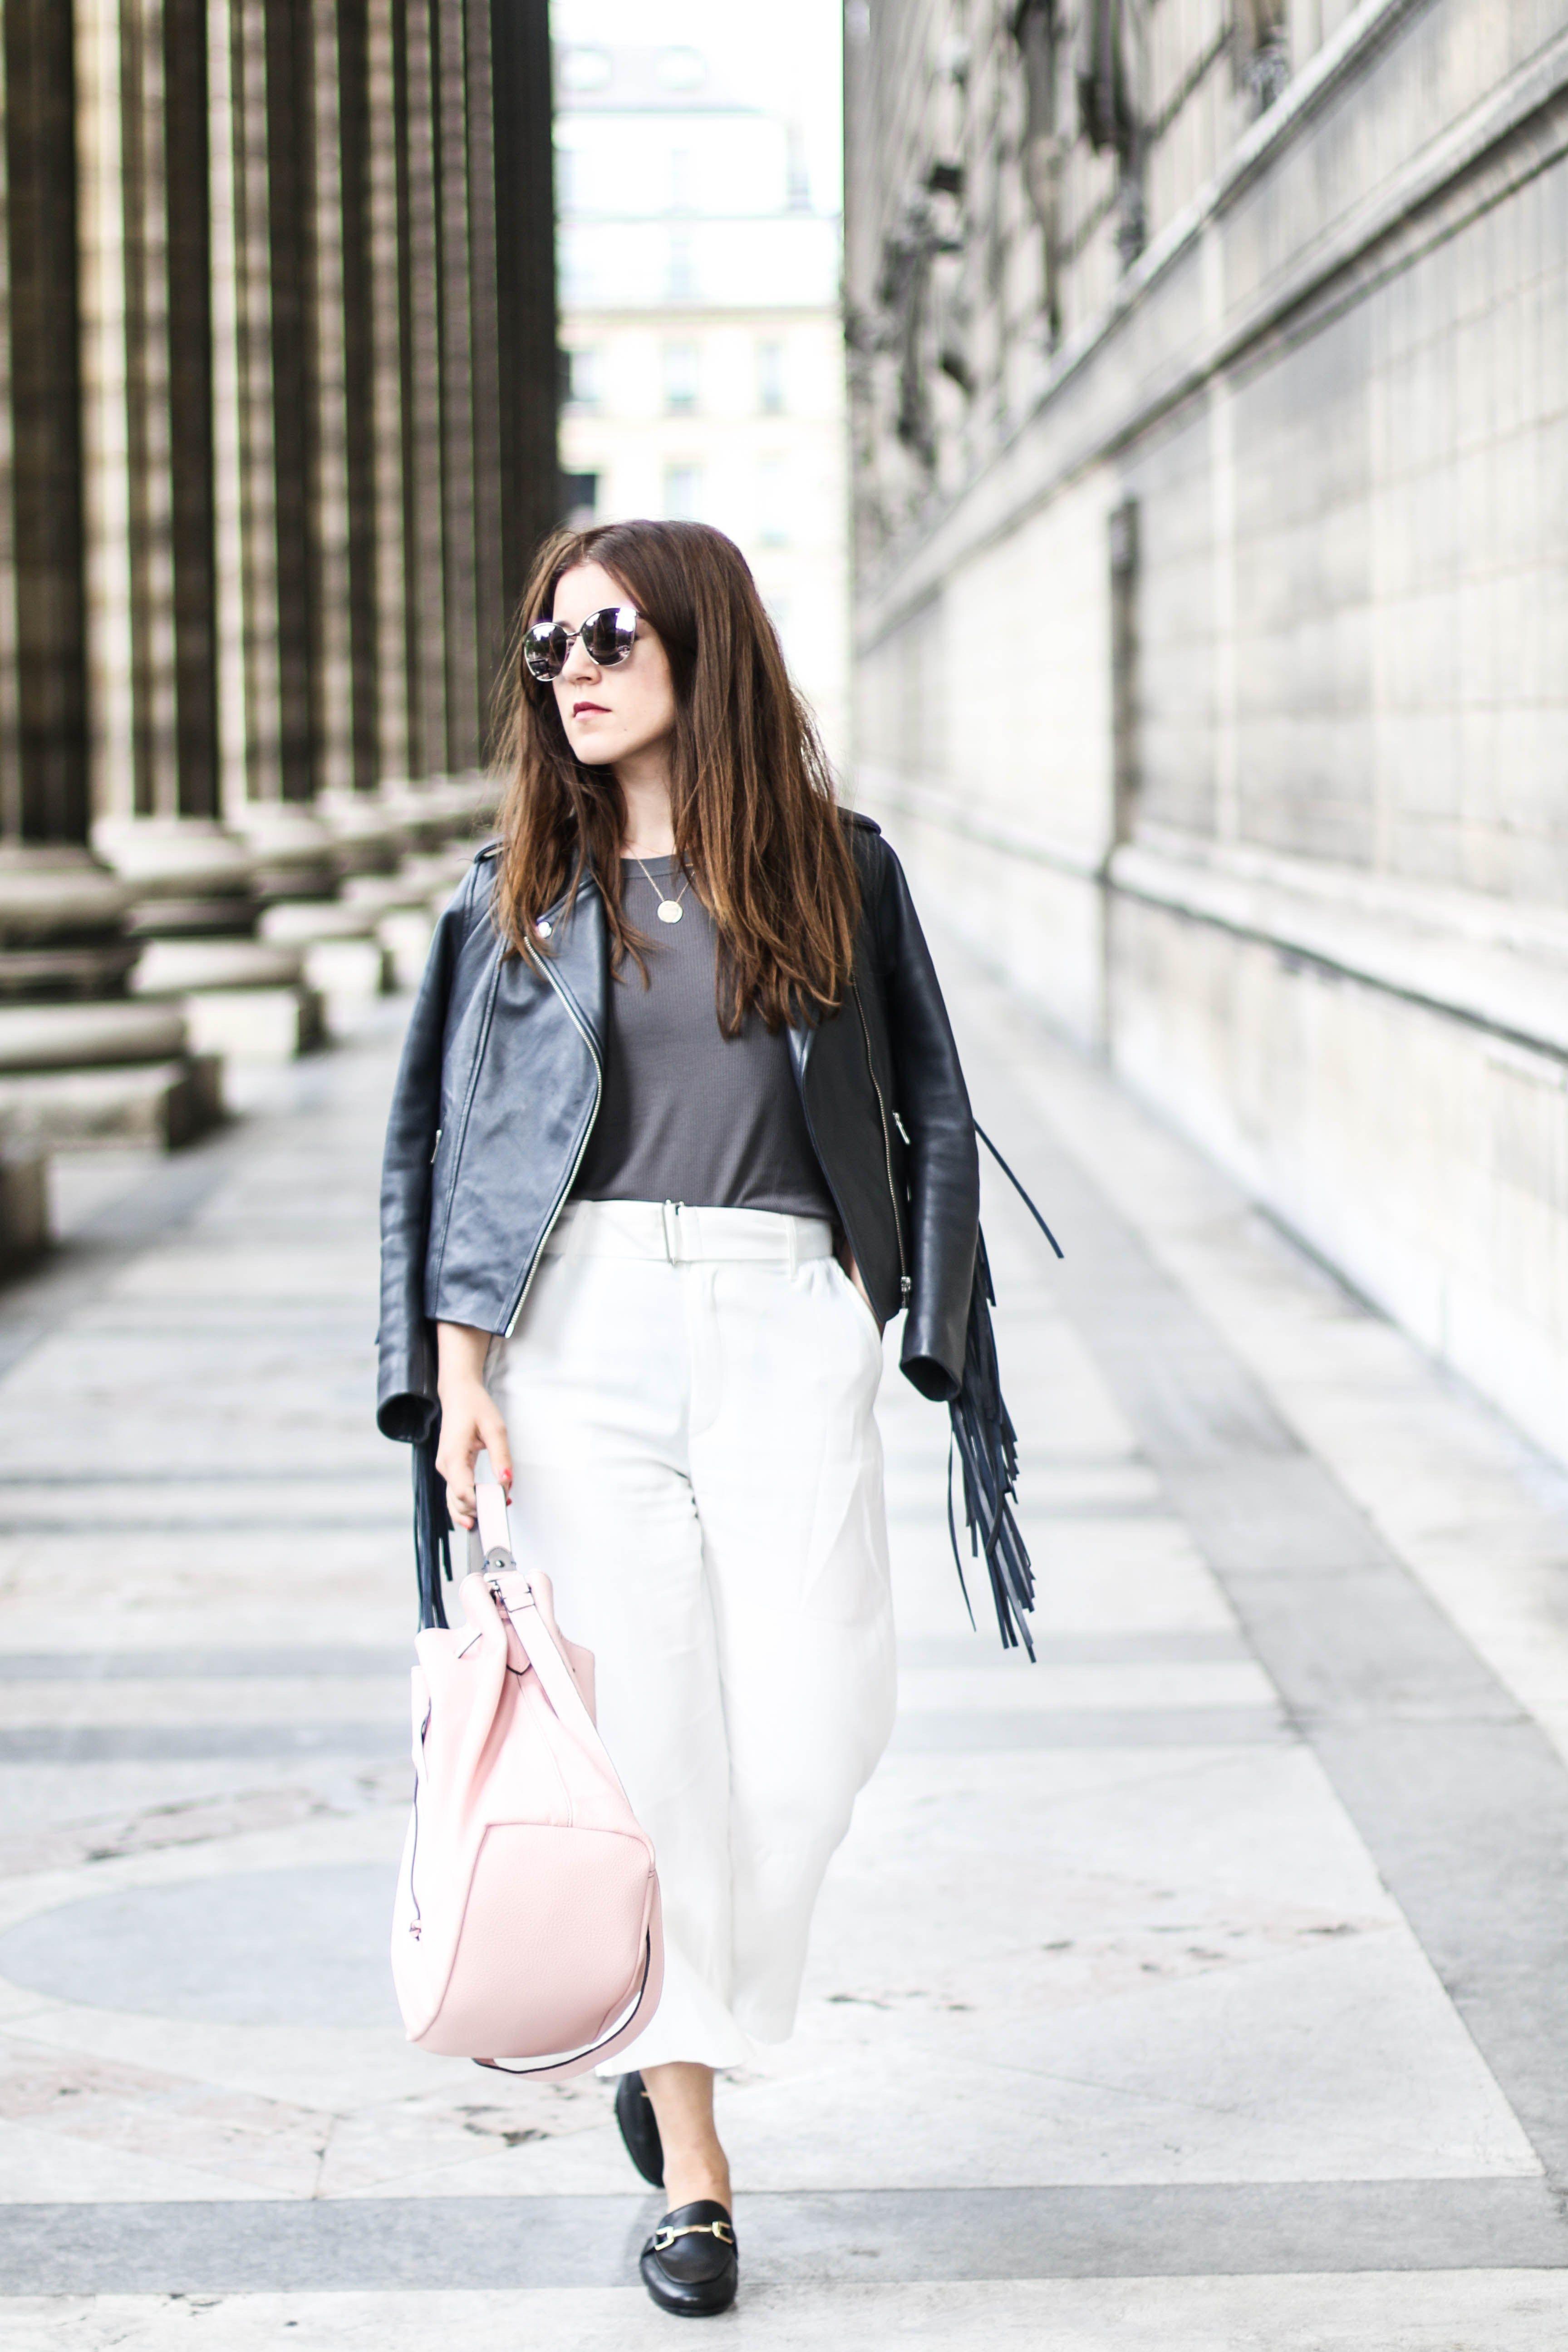 [En direct] Iro – elodie in paris - Elodie in paris @elodieinparis